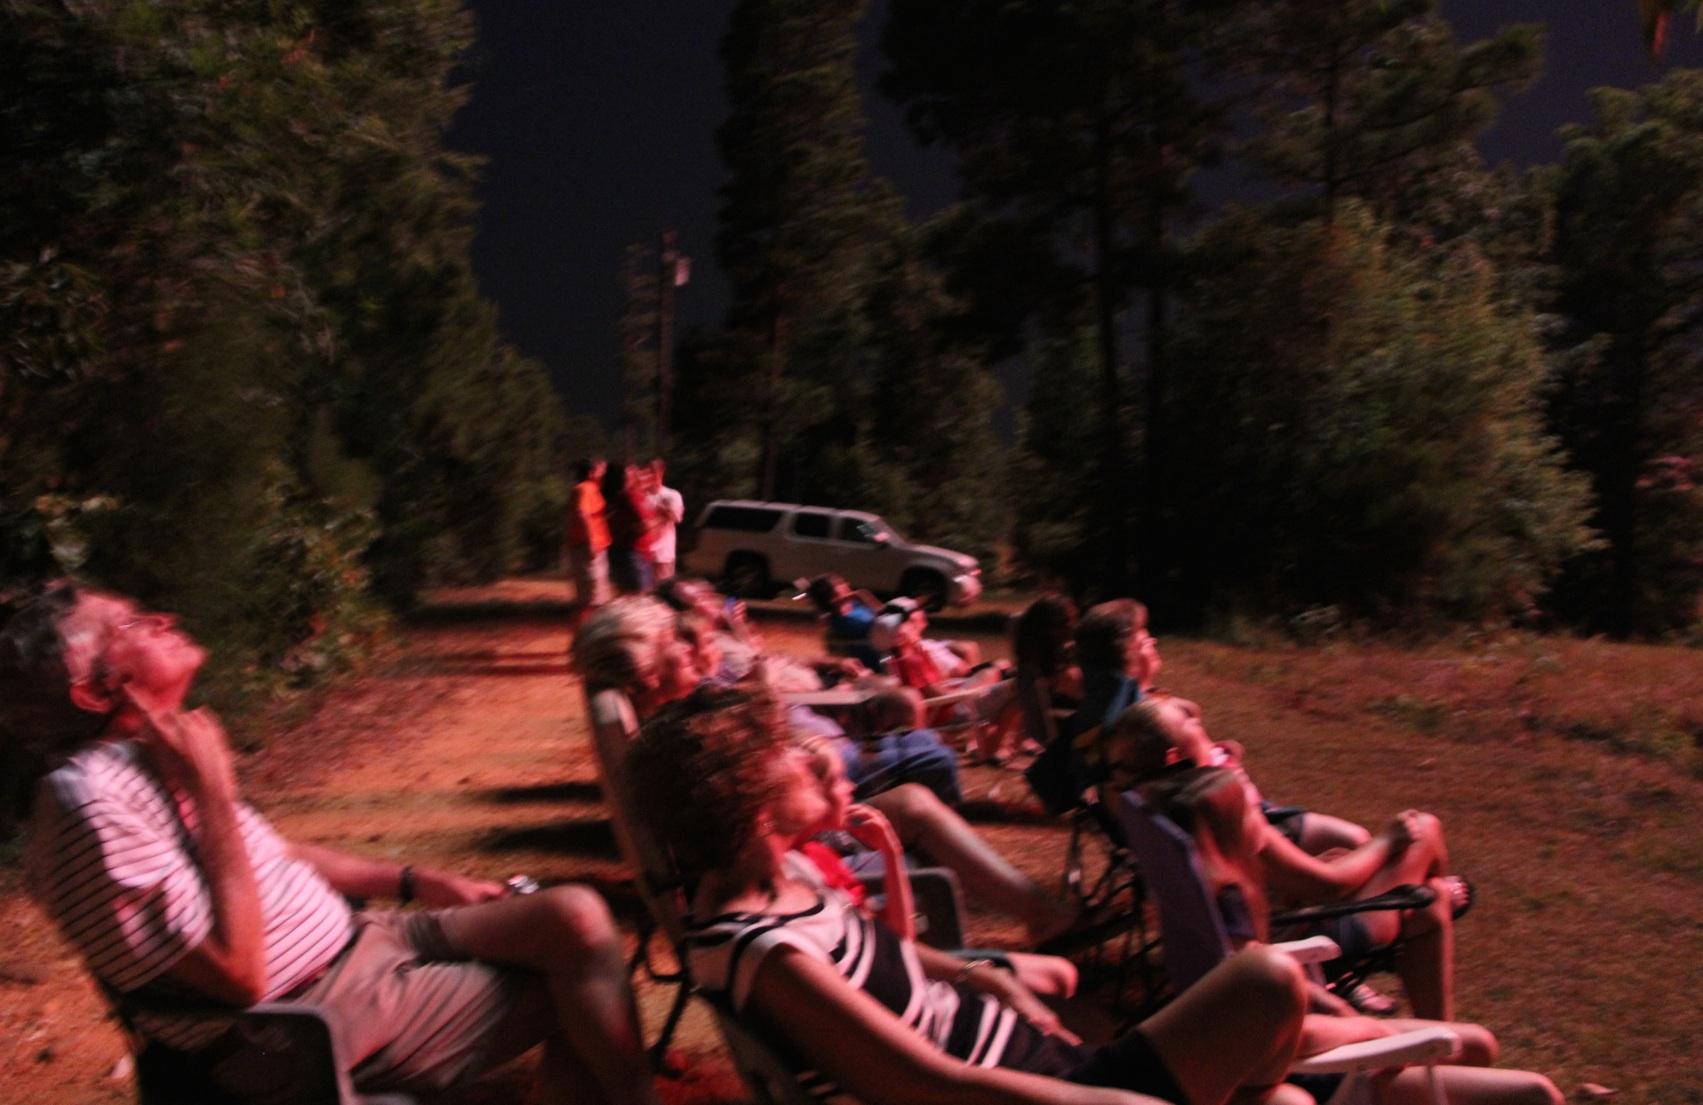 Fireworks at Lake Martin